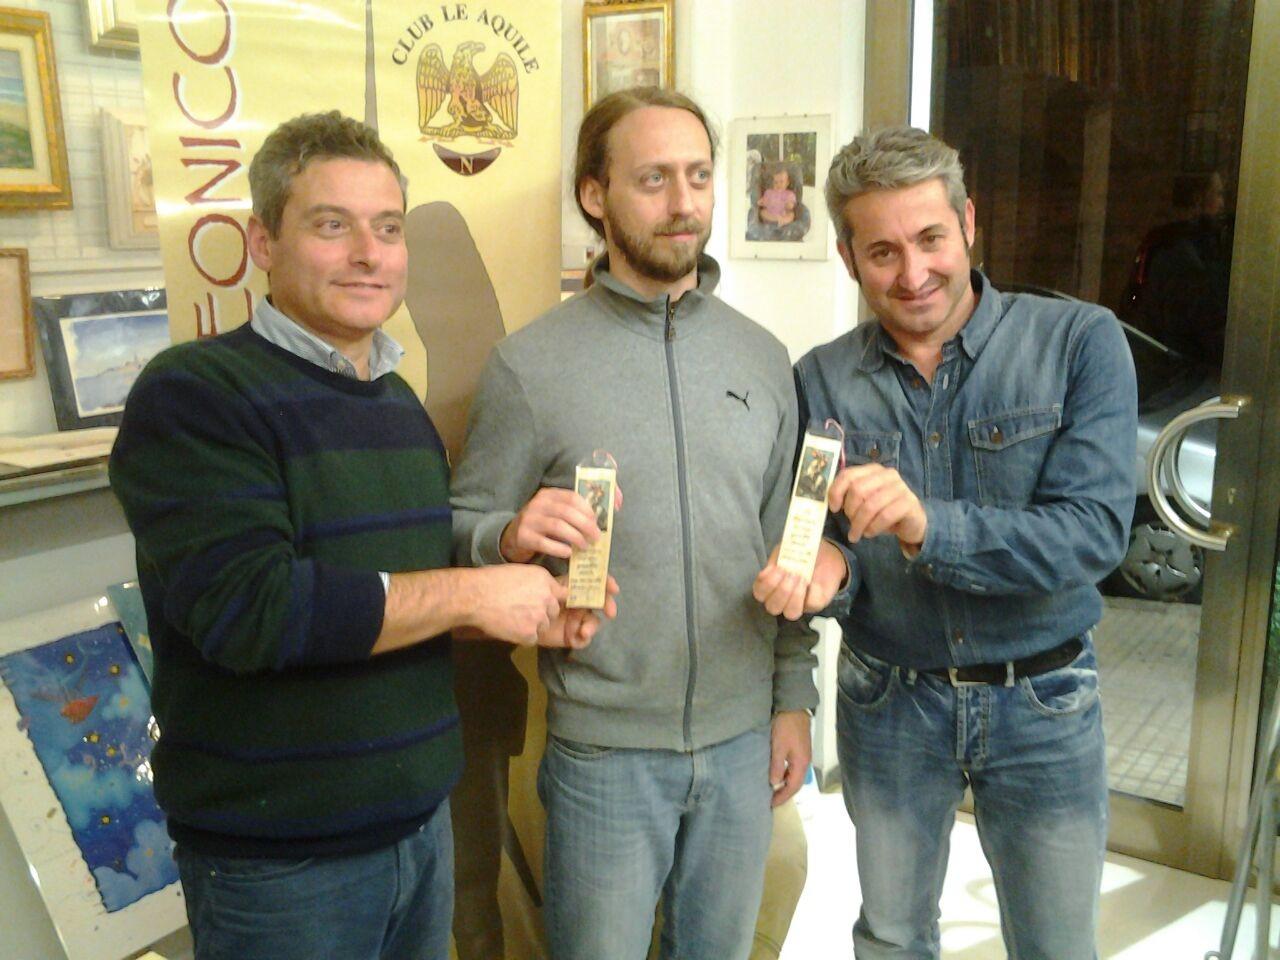 Il Presidente del club consegna i premi ai vincitori di un mini-torneo sperimentale combattuto con Lasalle